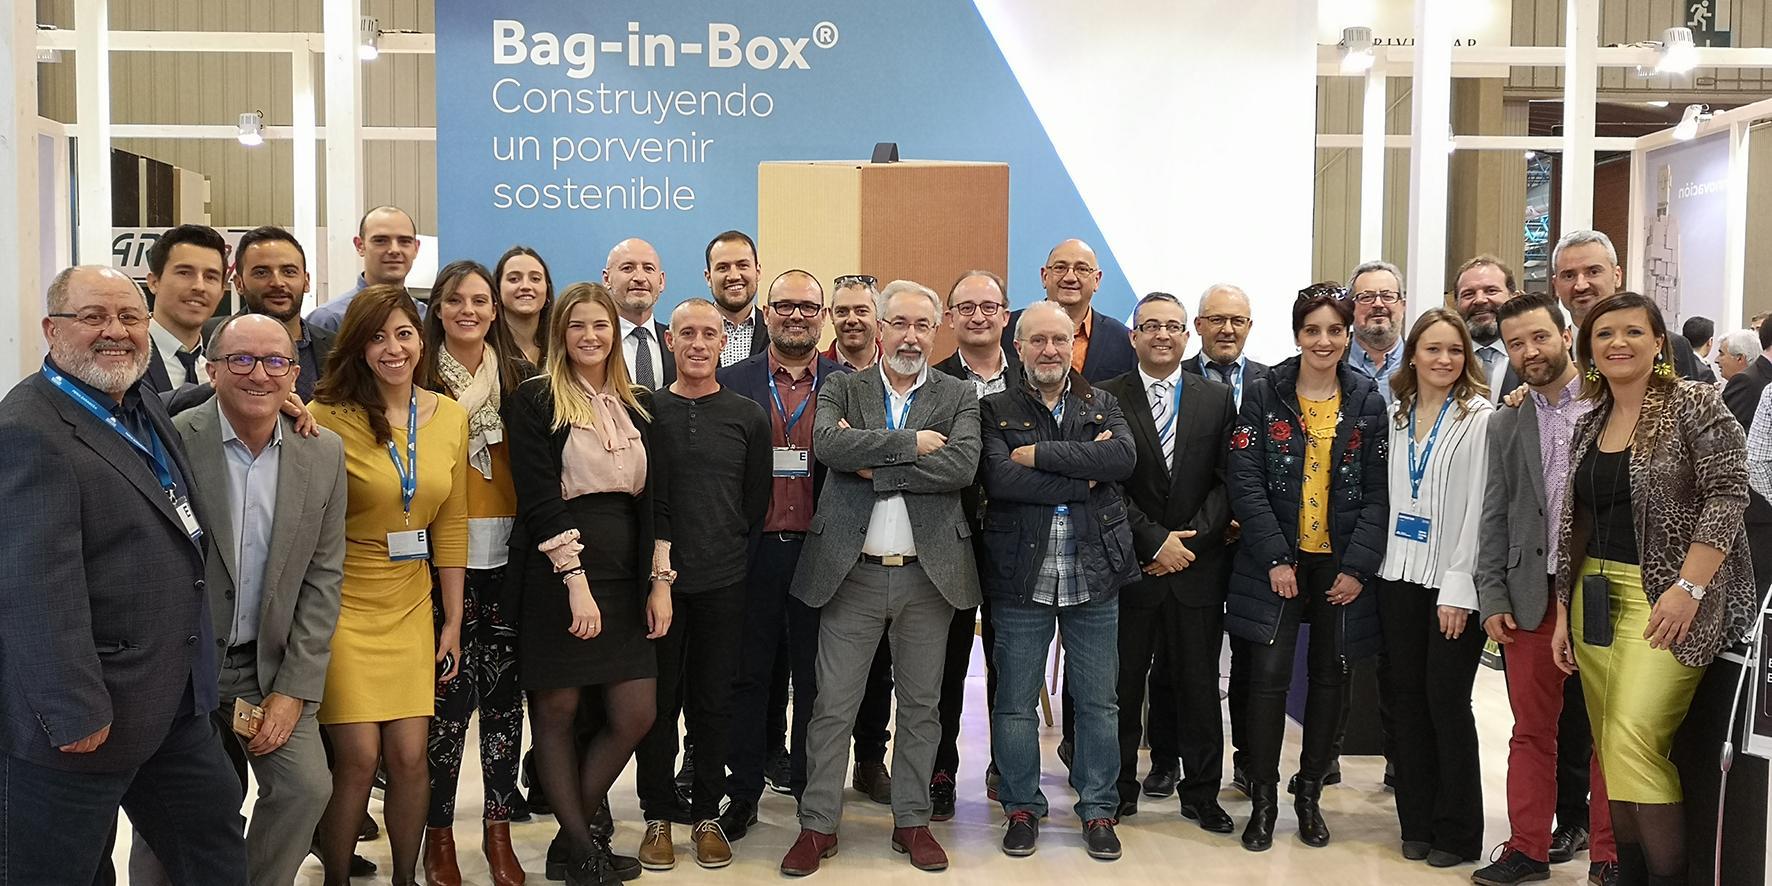 Hubo una fuerte presencia de empresas de Ibi (Alicante).